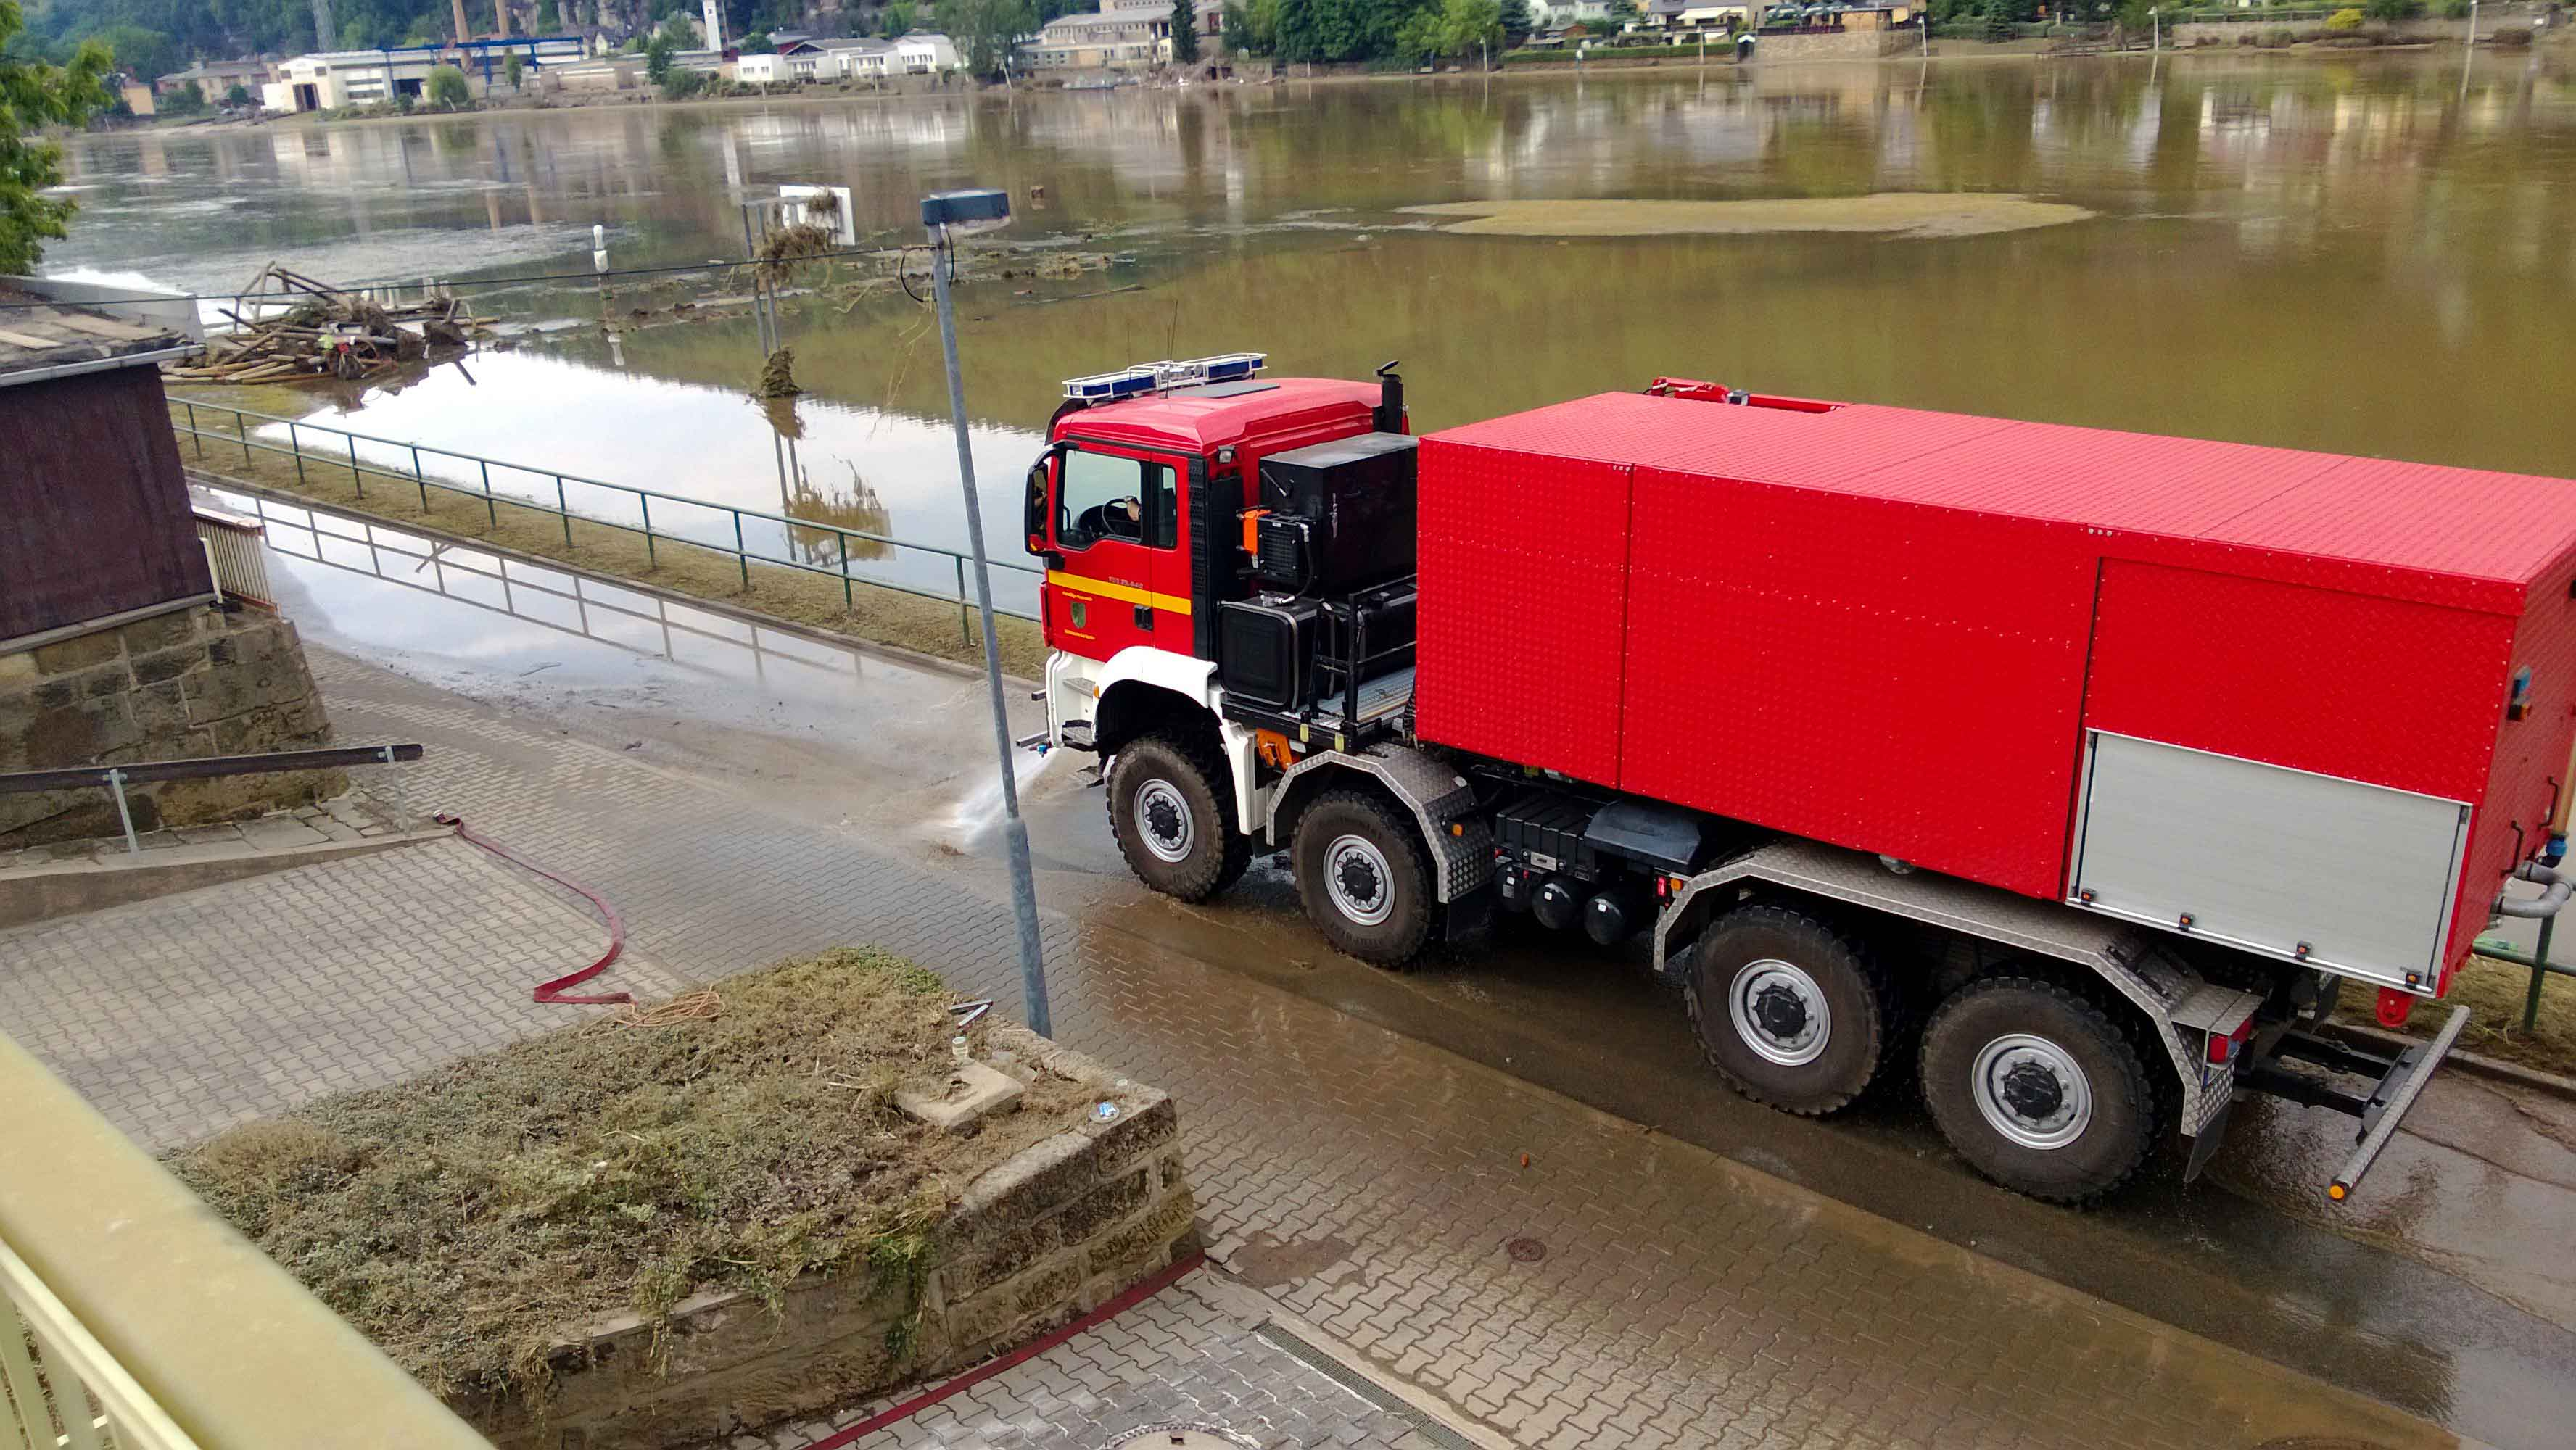 Hochwasser 2013 - Hilfe beim Aufräumen durch die Partnerfeuerwehr